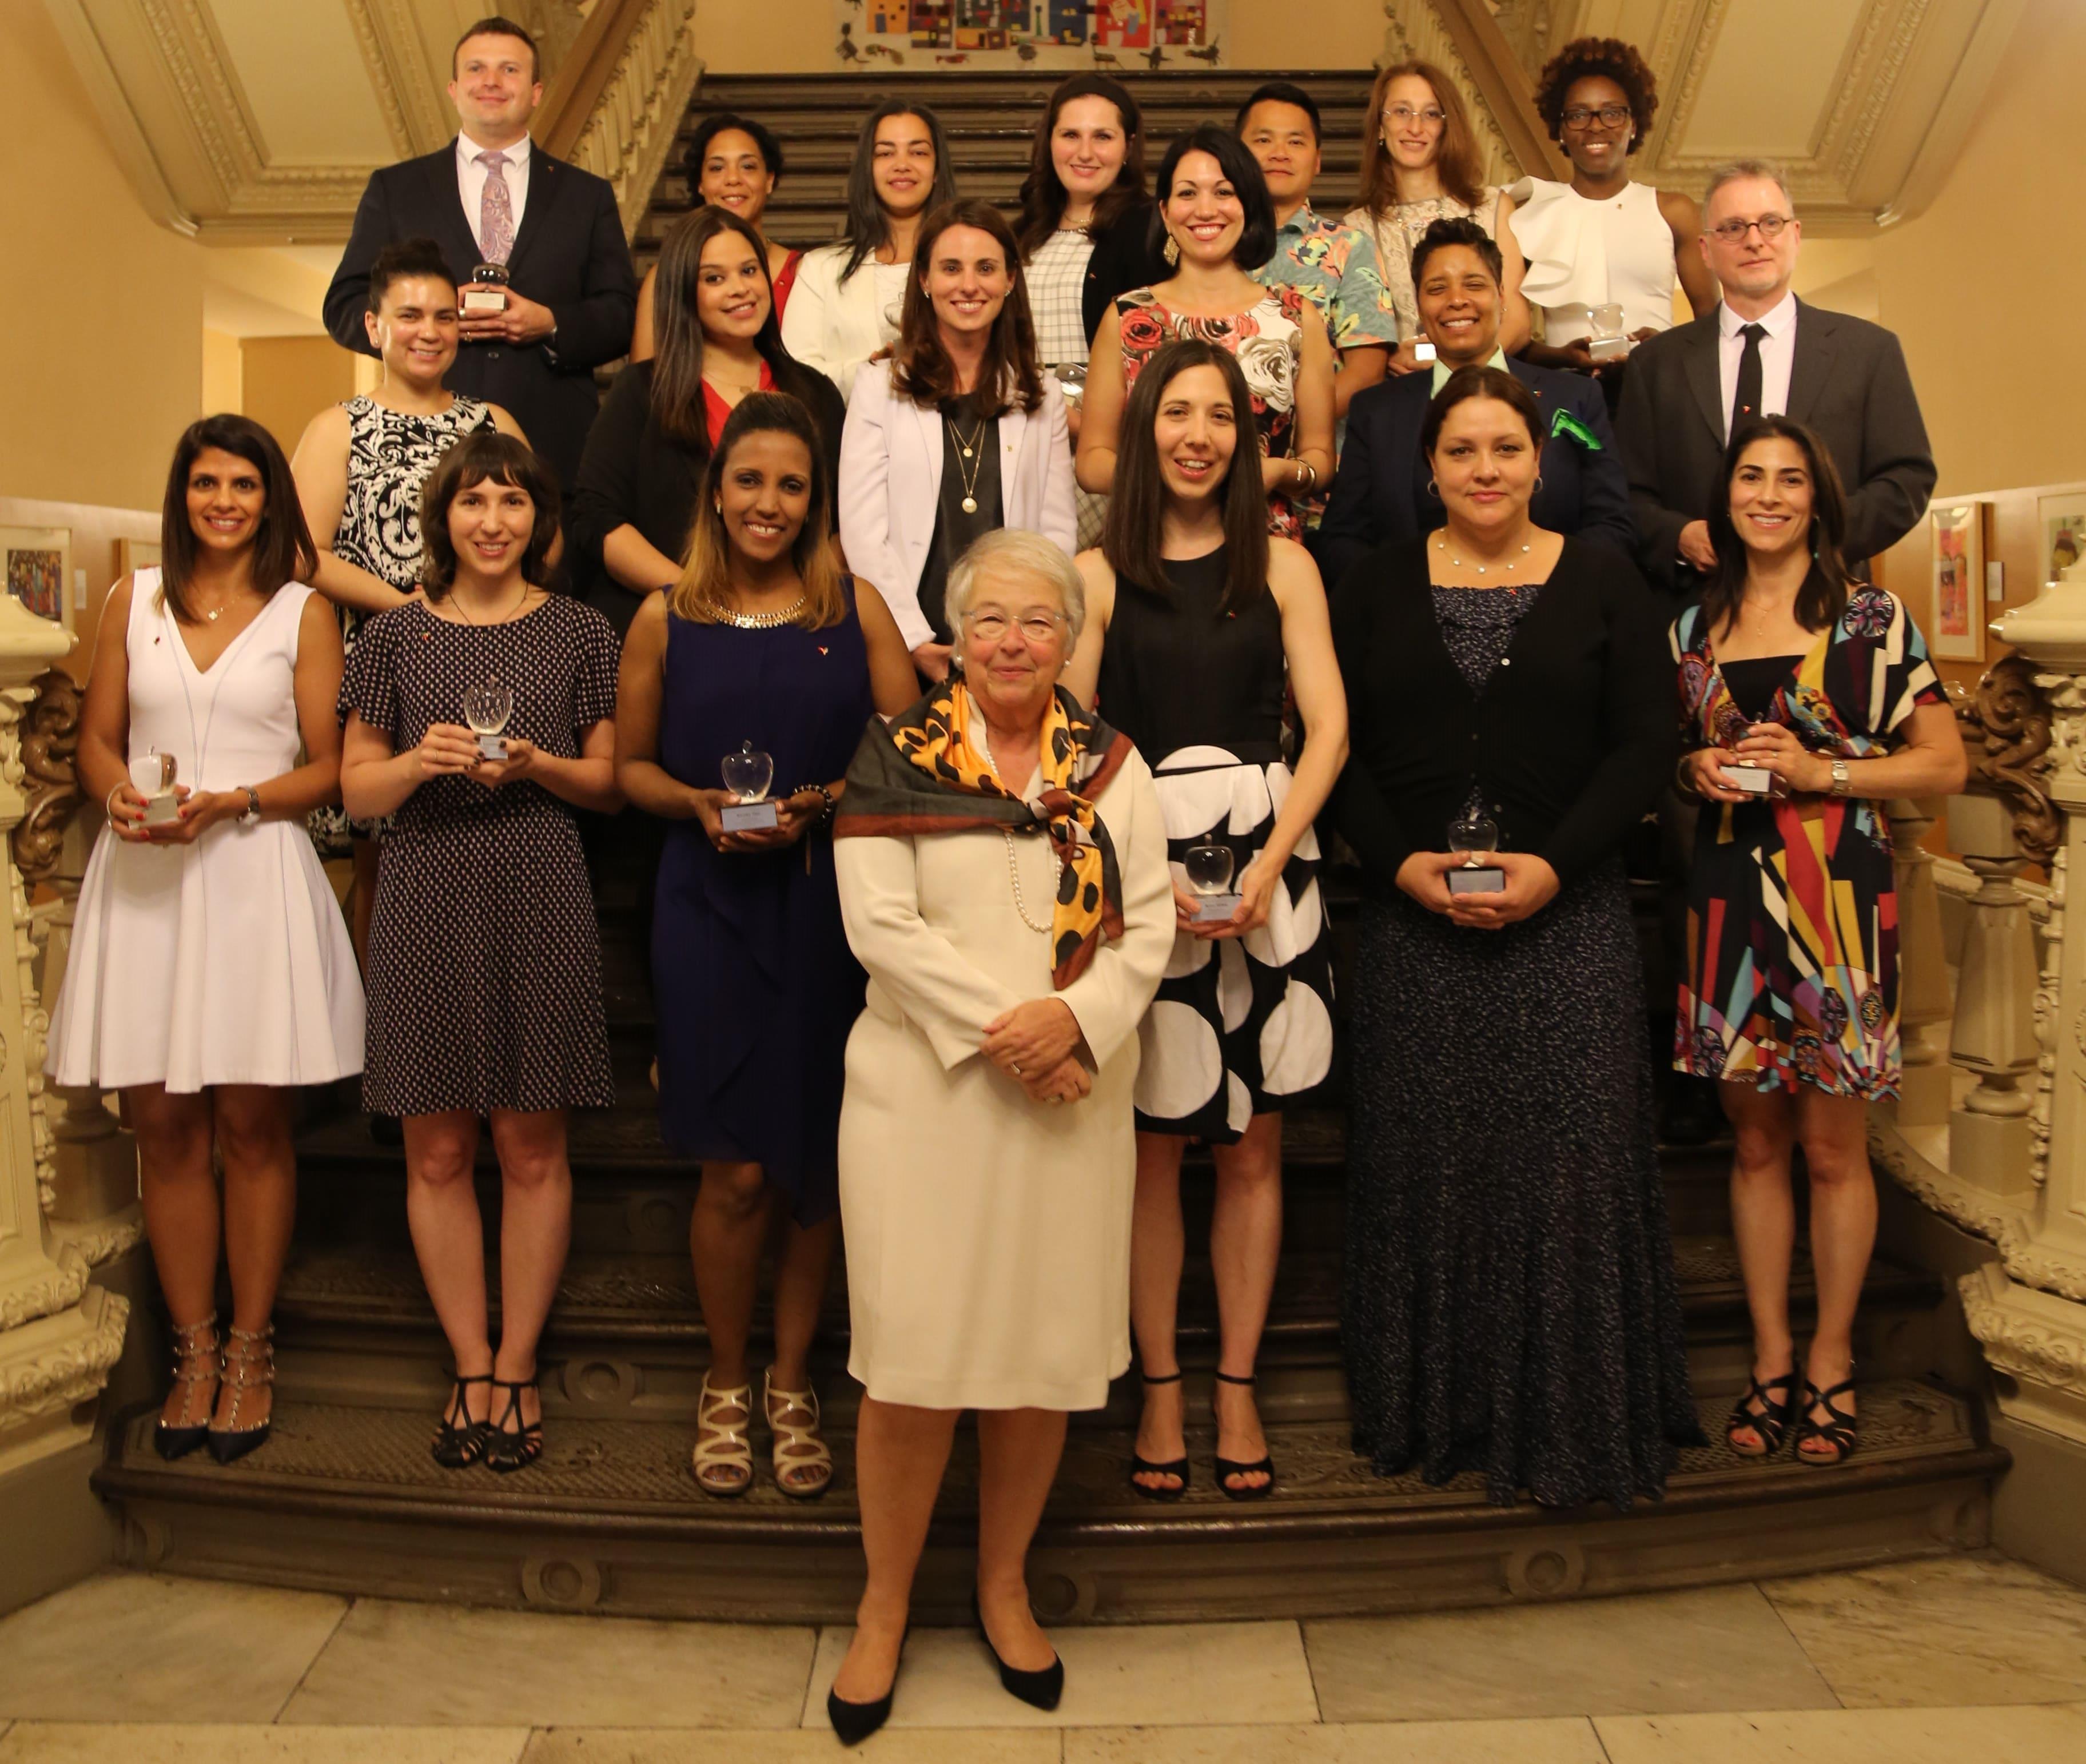 2017 Big Apple Award Recipients Pose with Chancellor Fariña